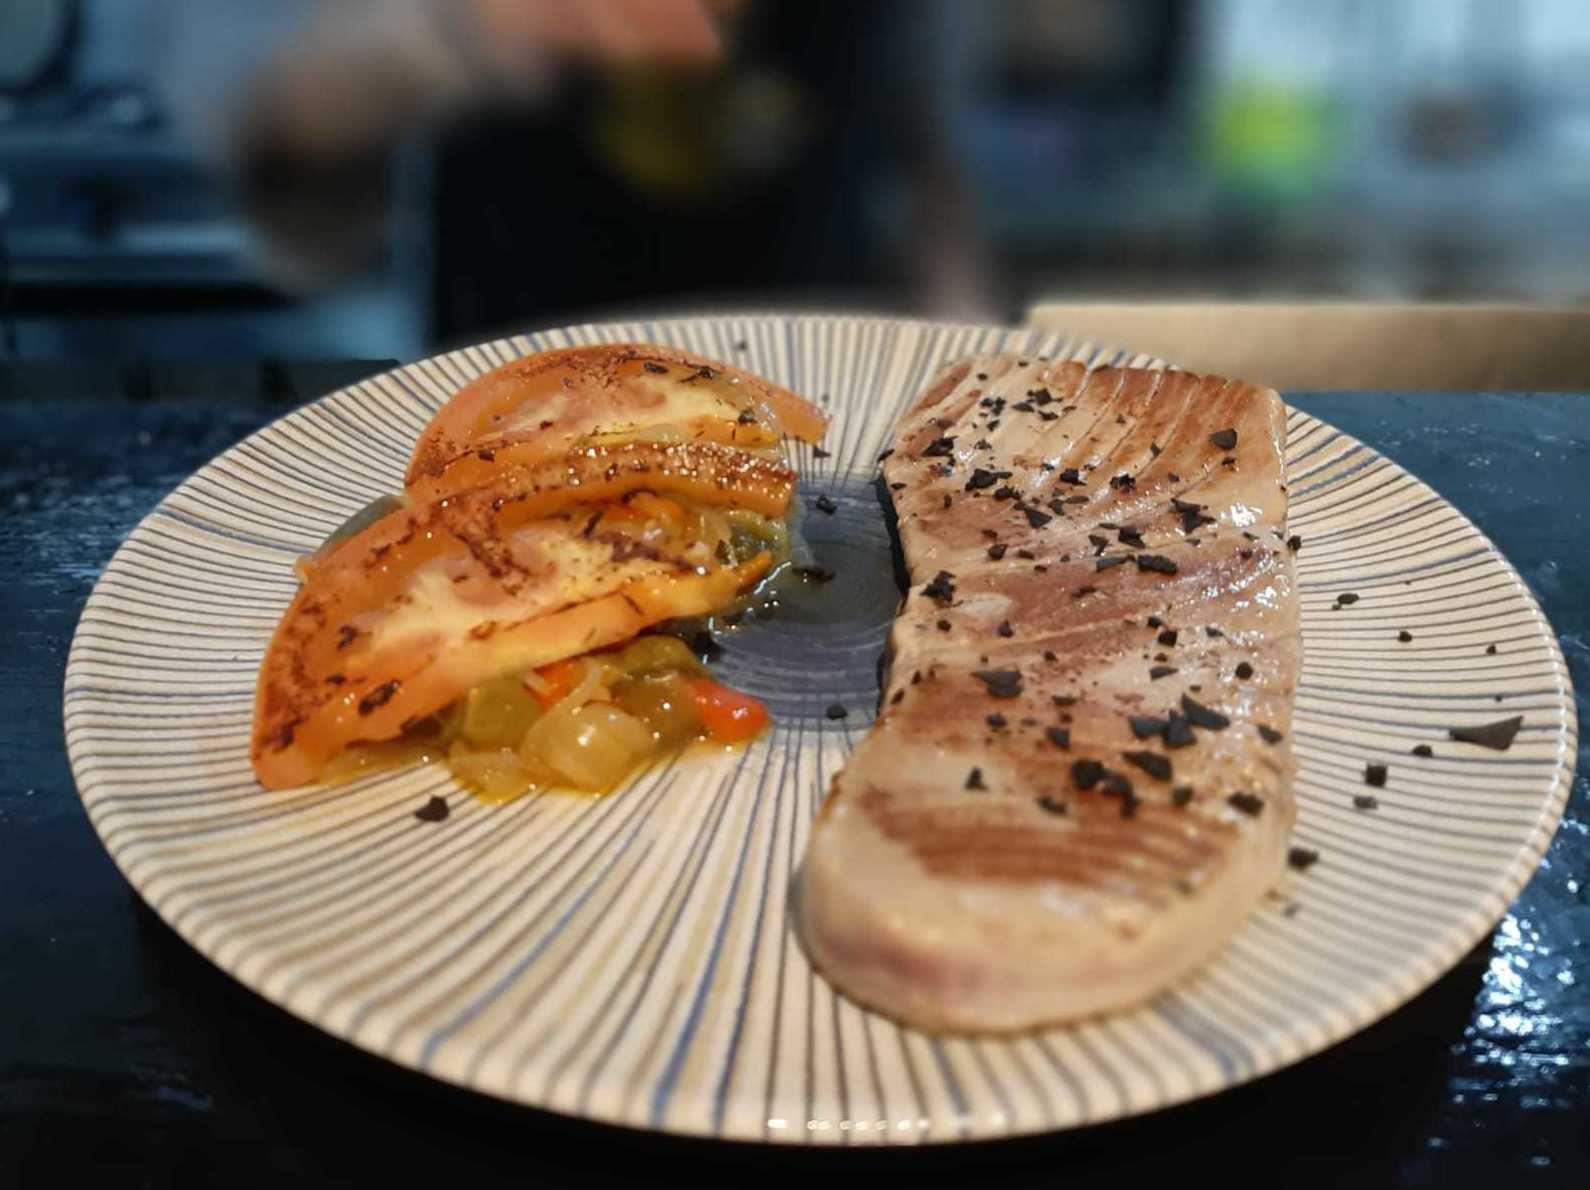 Ventresca de atún rojo de almadraba a la sal negra con escalivada de verduras